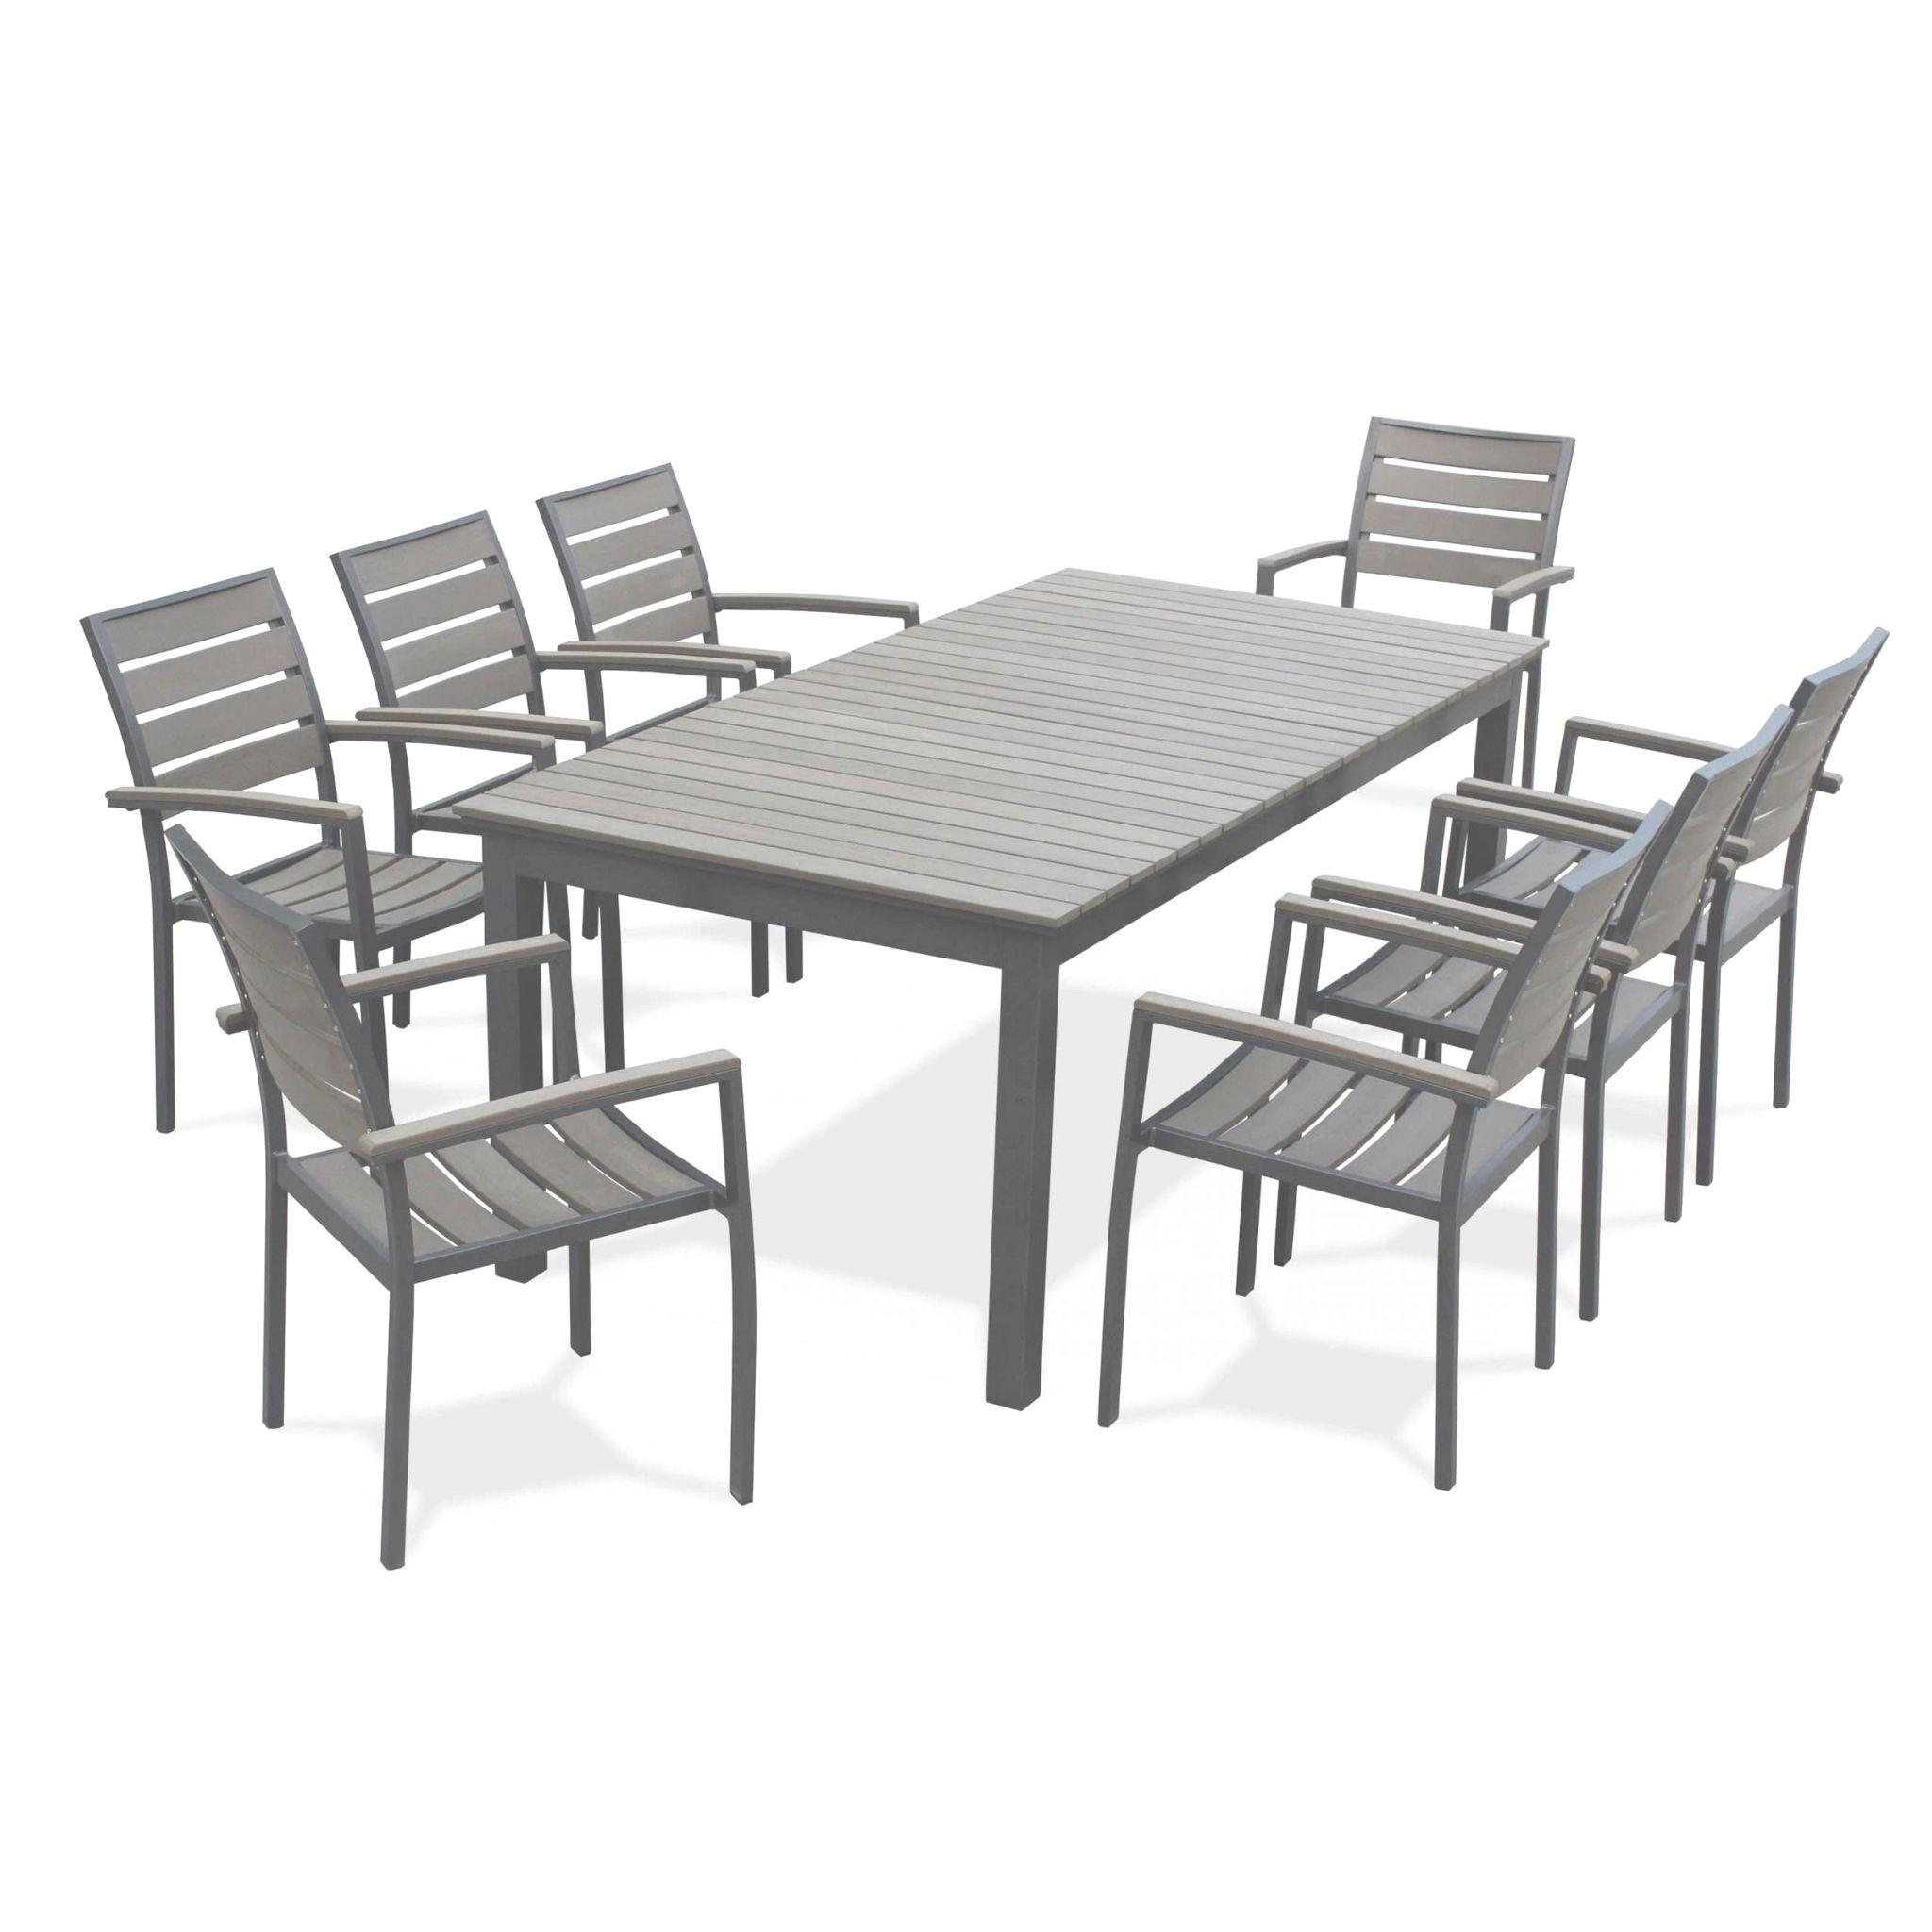 Table De Jardin En Fonte Perpignan Maison Design Trivid Us ... destiné Kettler Mobilier De Jardin